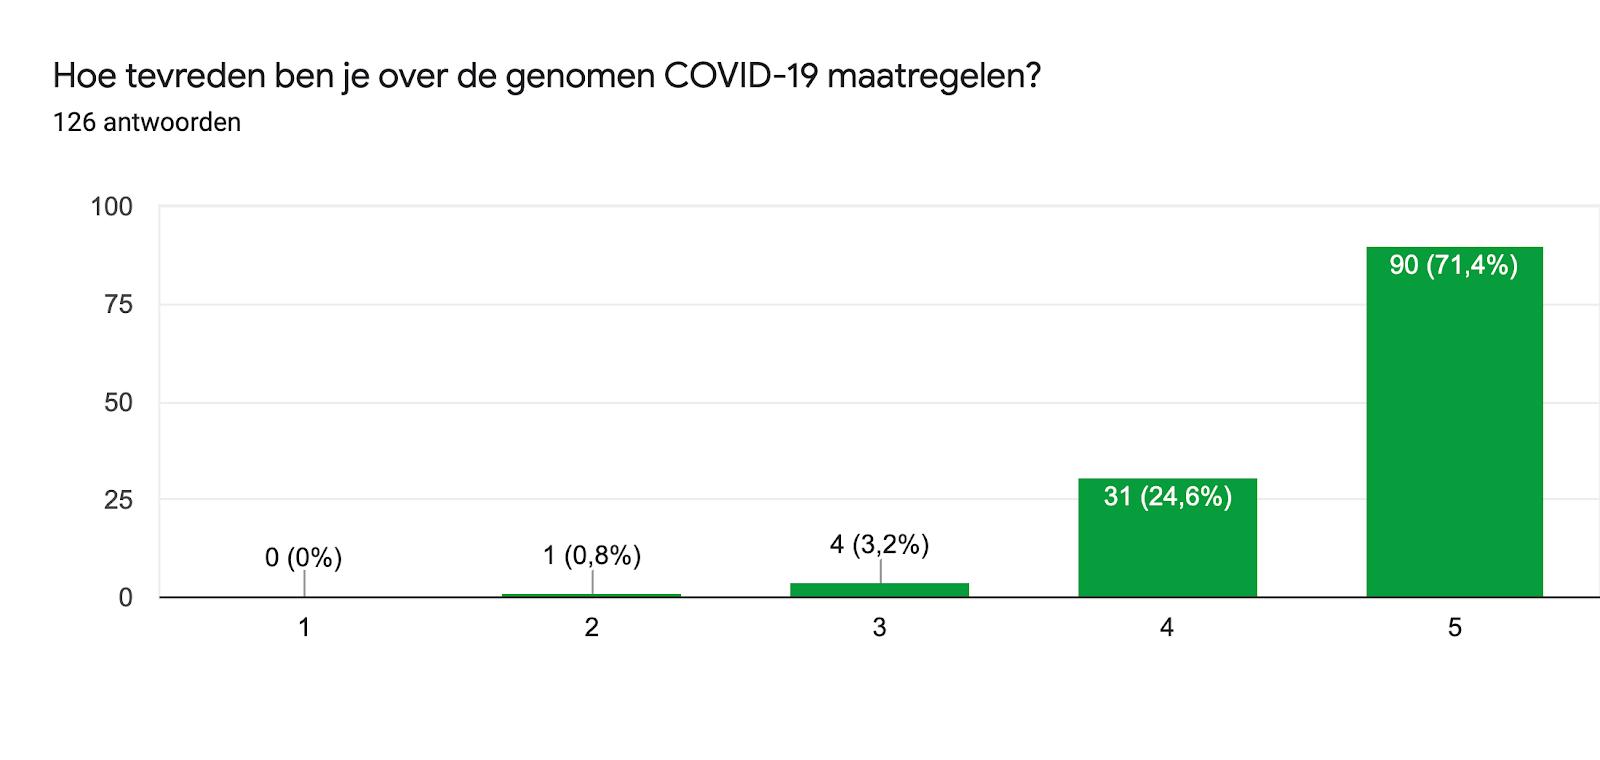 Diagram met antwoorden op het Formulier. Titel van de vraag: Hoe tevreden ben je over de genomen COVID-19 maatregelen?. Aantal antwoorden: 126 antwoorden.